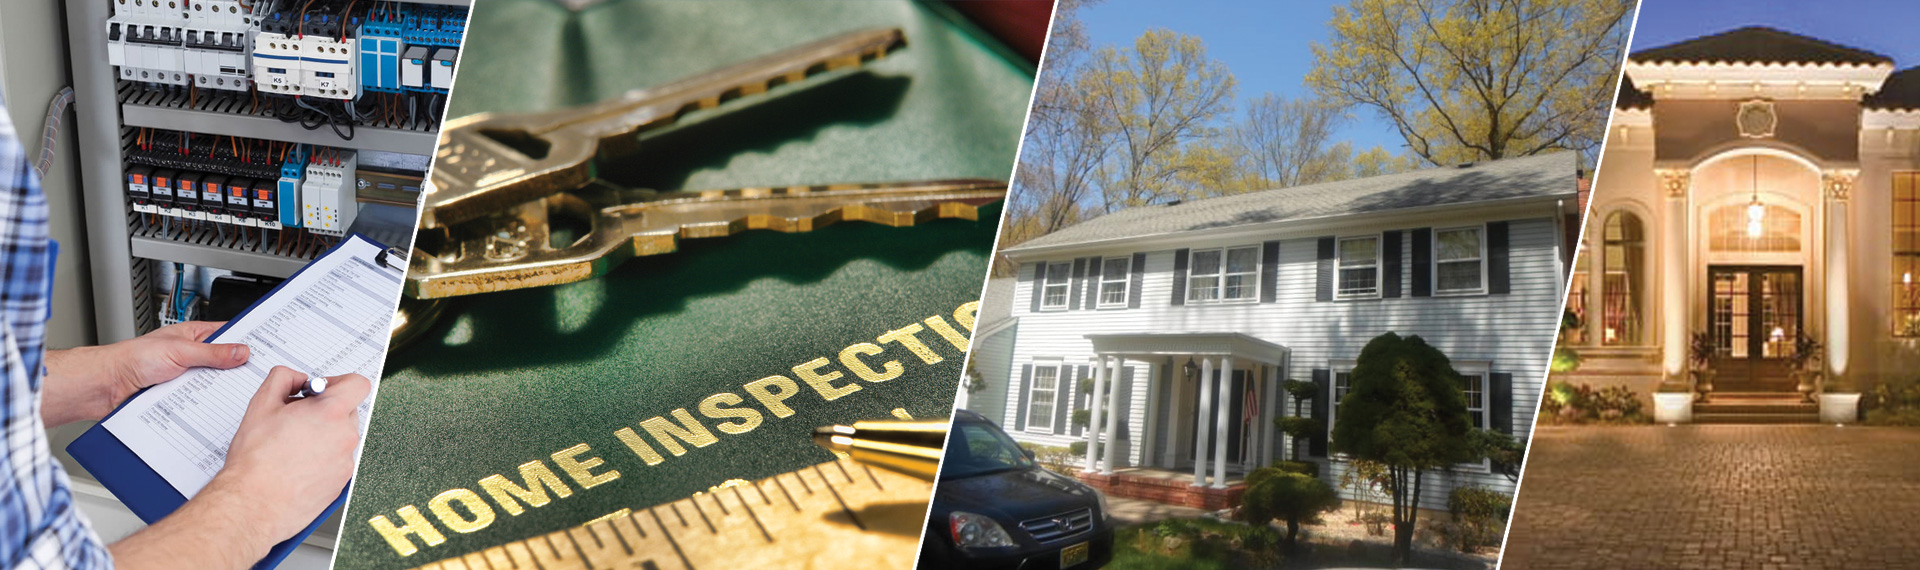 AAA House Doctors Engineers & Home Inspectors Jamesburg NJ